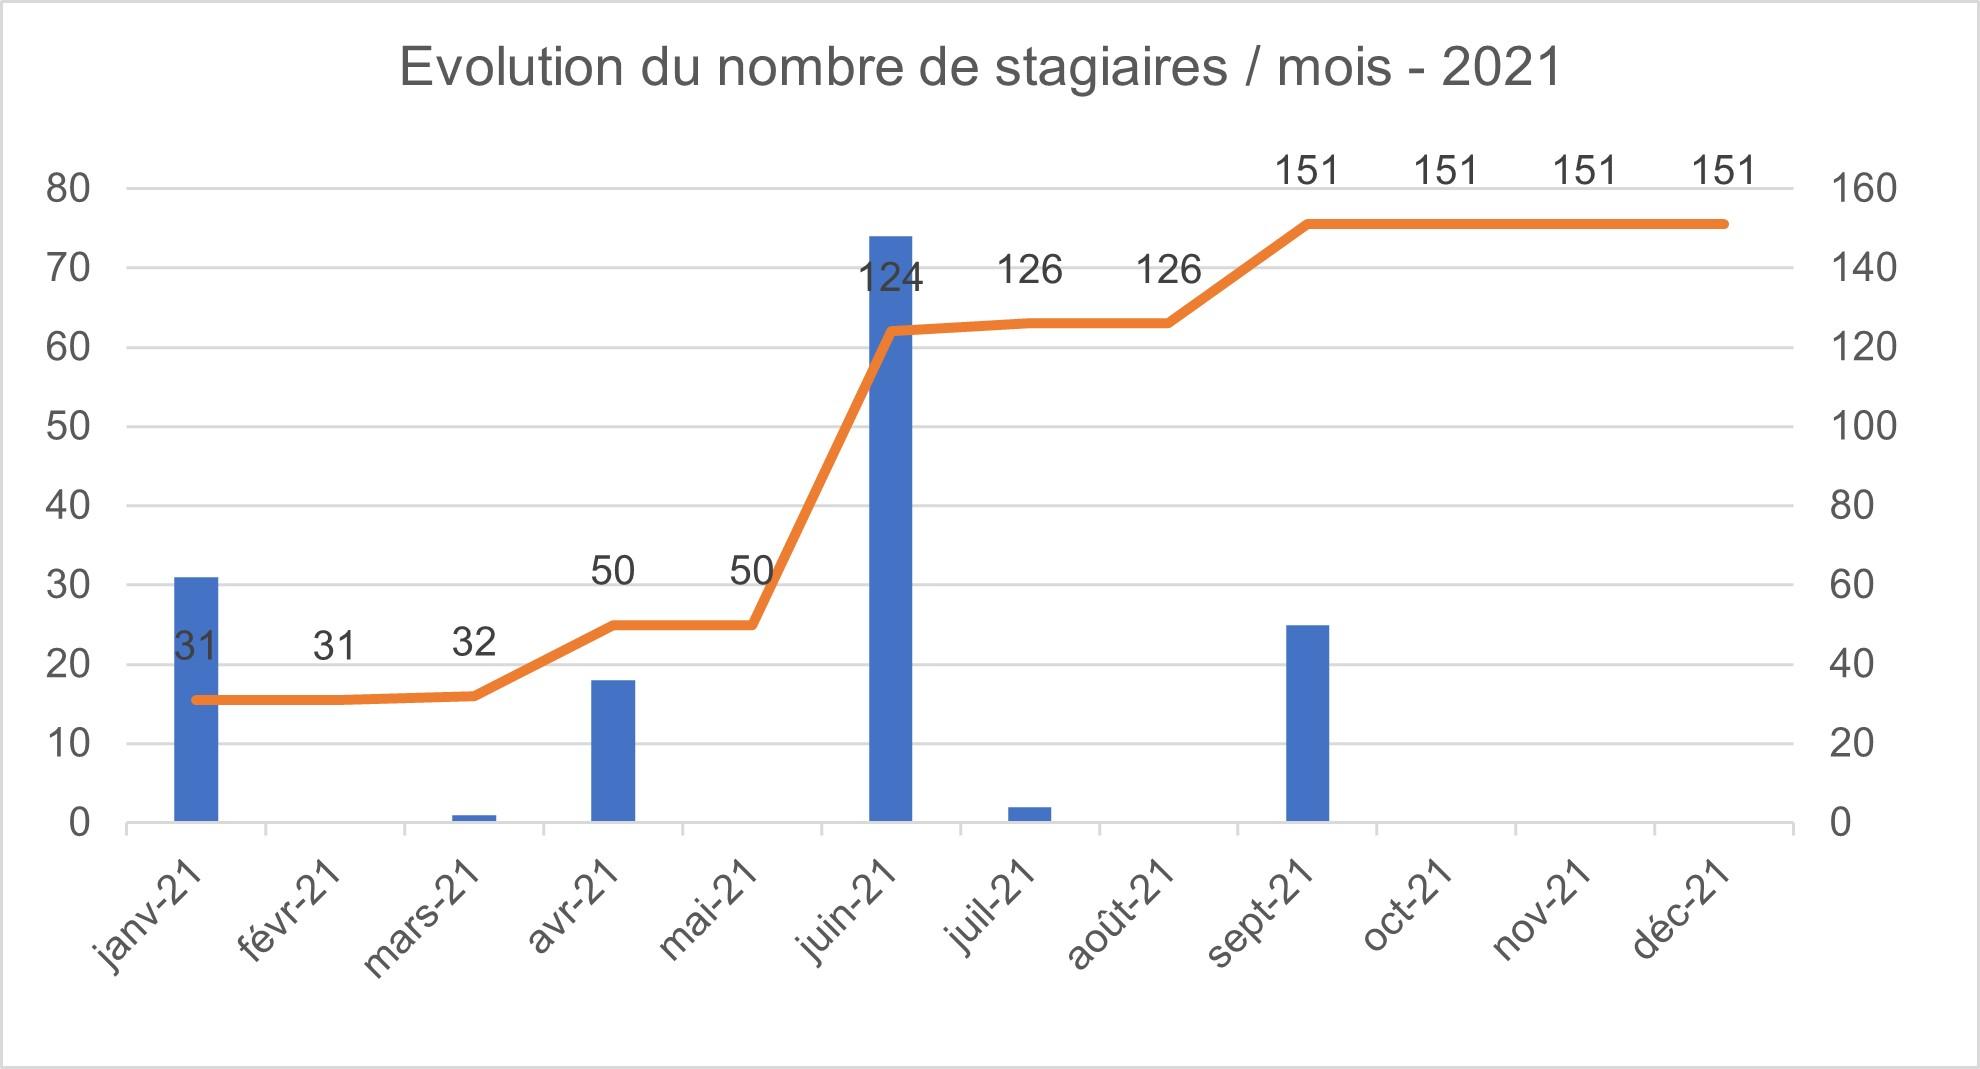 Évolution du nombre de stagiaires par mois en 2021 - Anne O Sens